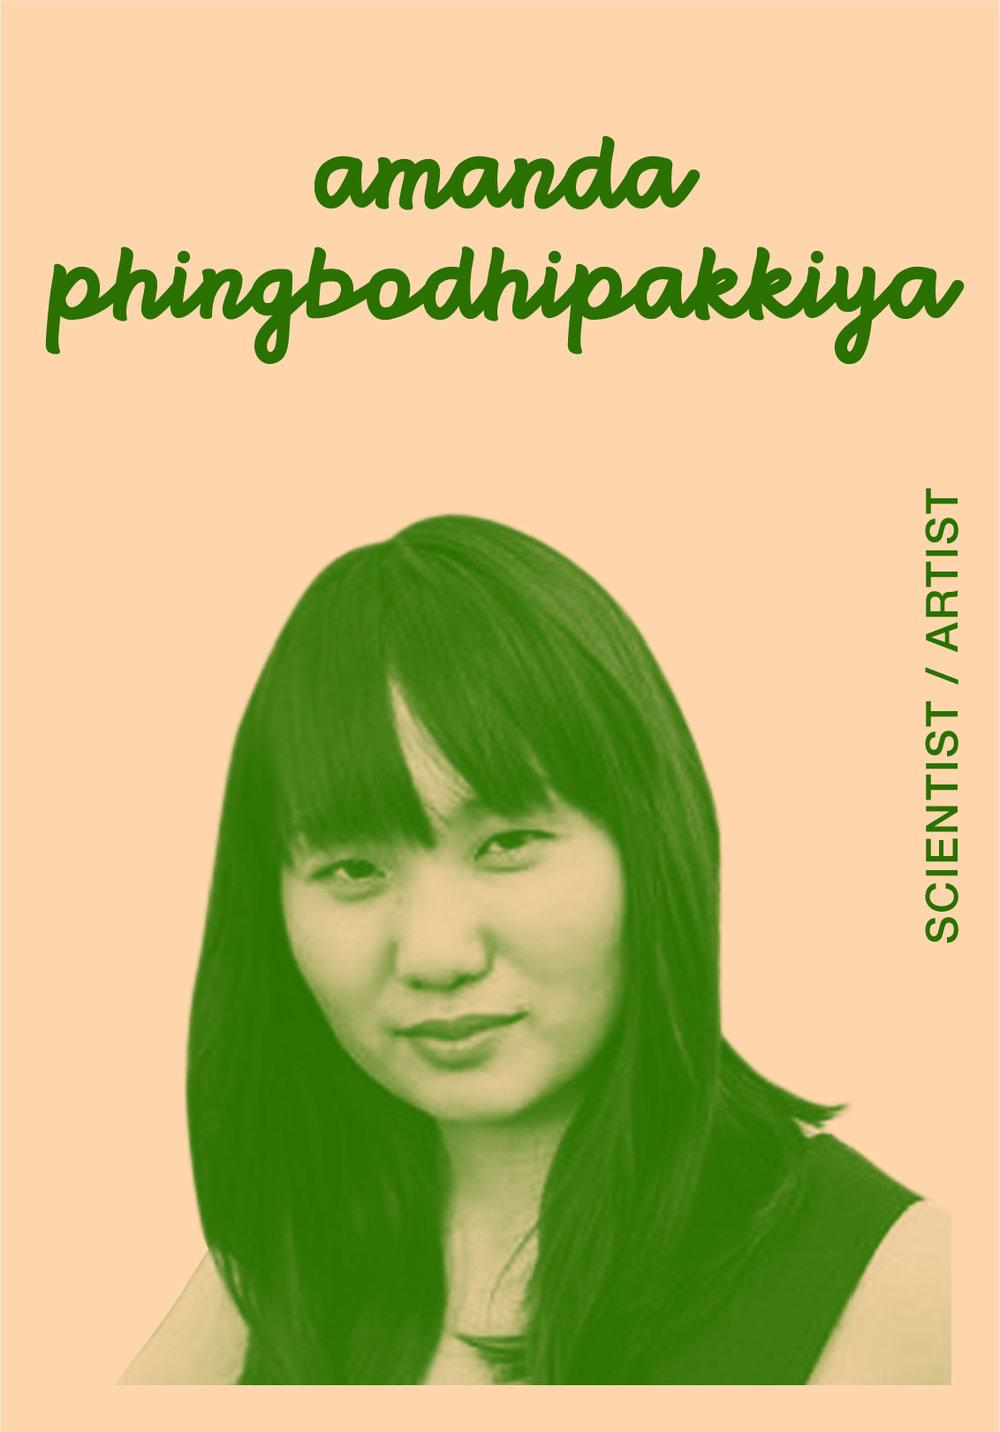 Amanda Phingbodhipakkiya   WEBSITE   @ALONGLASTNAME   IG: ALONGLASTNAME